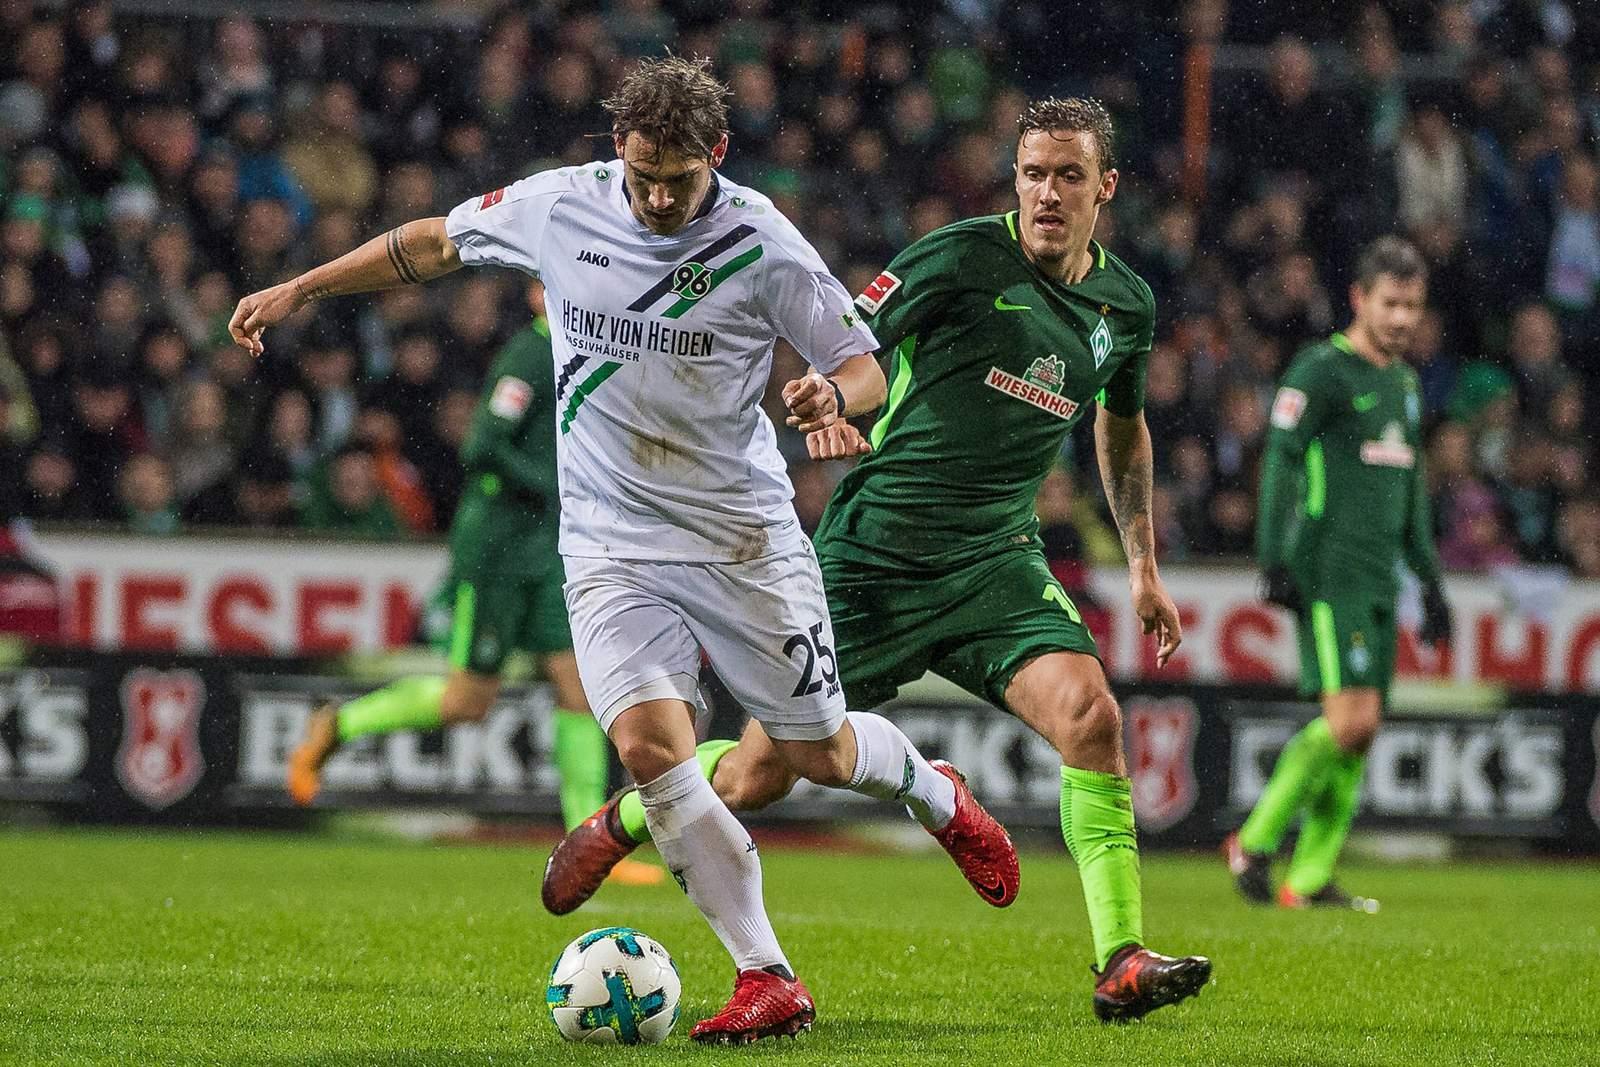 Oliver Sorg und Max Kruse kämpfen um den Ball. Jetzt auf die Partie Hannover gegen Bremen wetten.